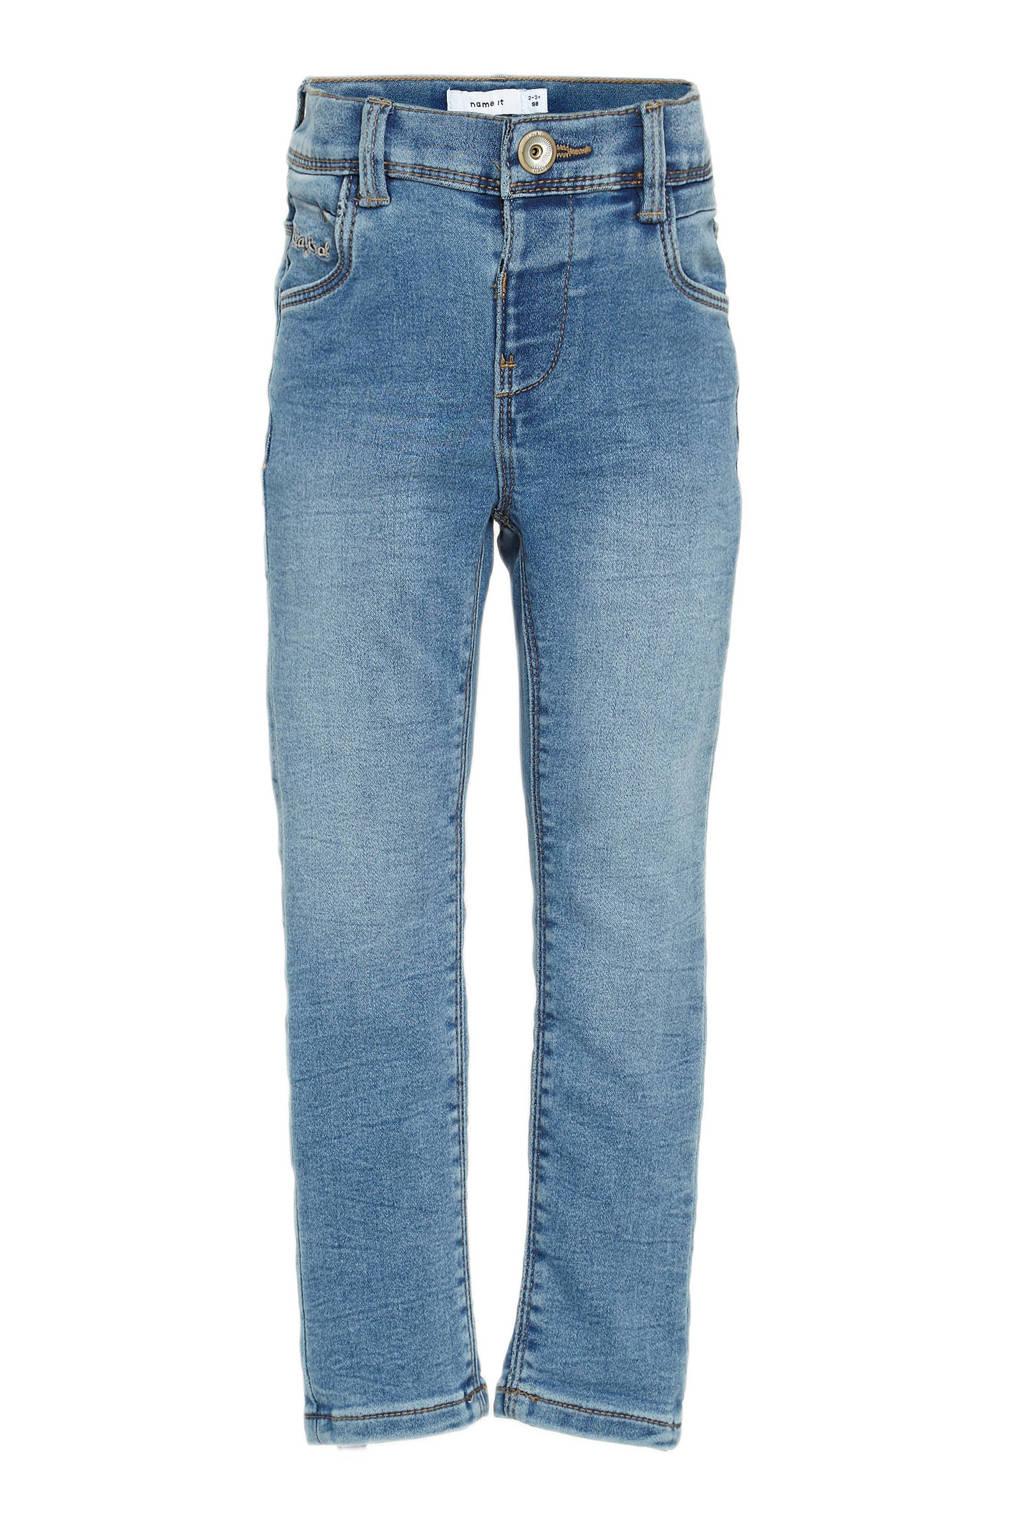 NAME IT MINI skinny jeans Polly lichtblauw, Lichtblauw